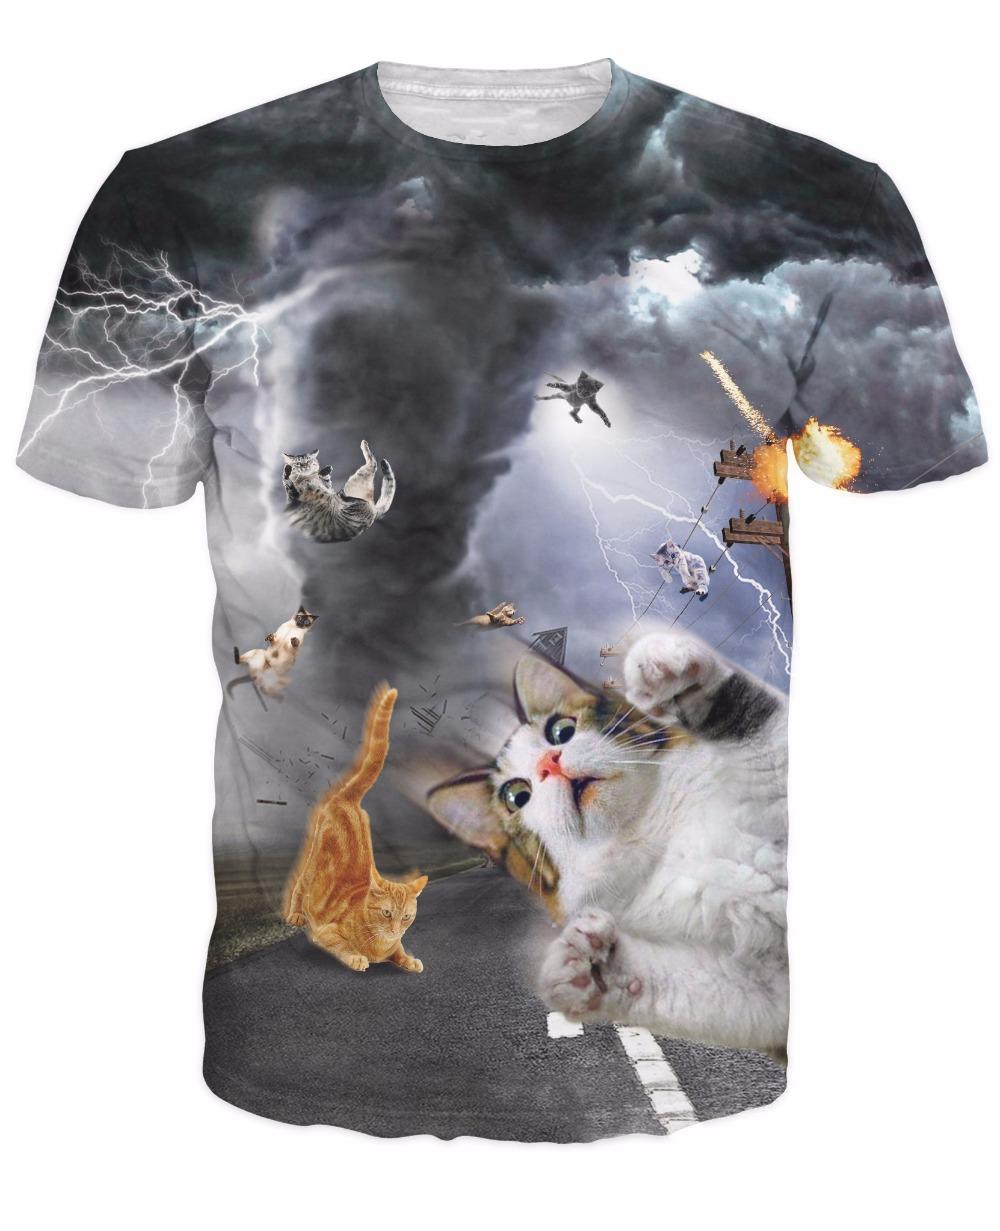 ᐅ Bon plan pour acheter le meilleur t-shirt 3d animaux au bon prix 2019   95d1eec170e3